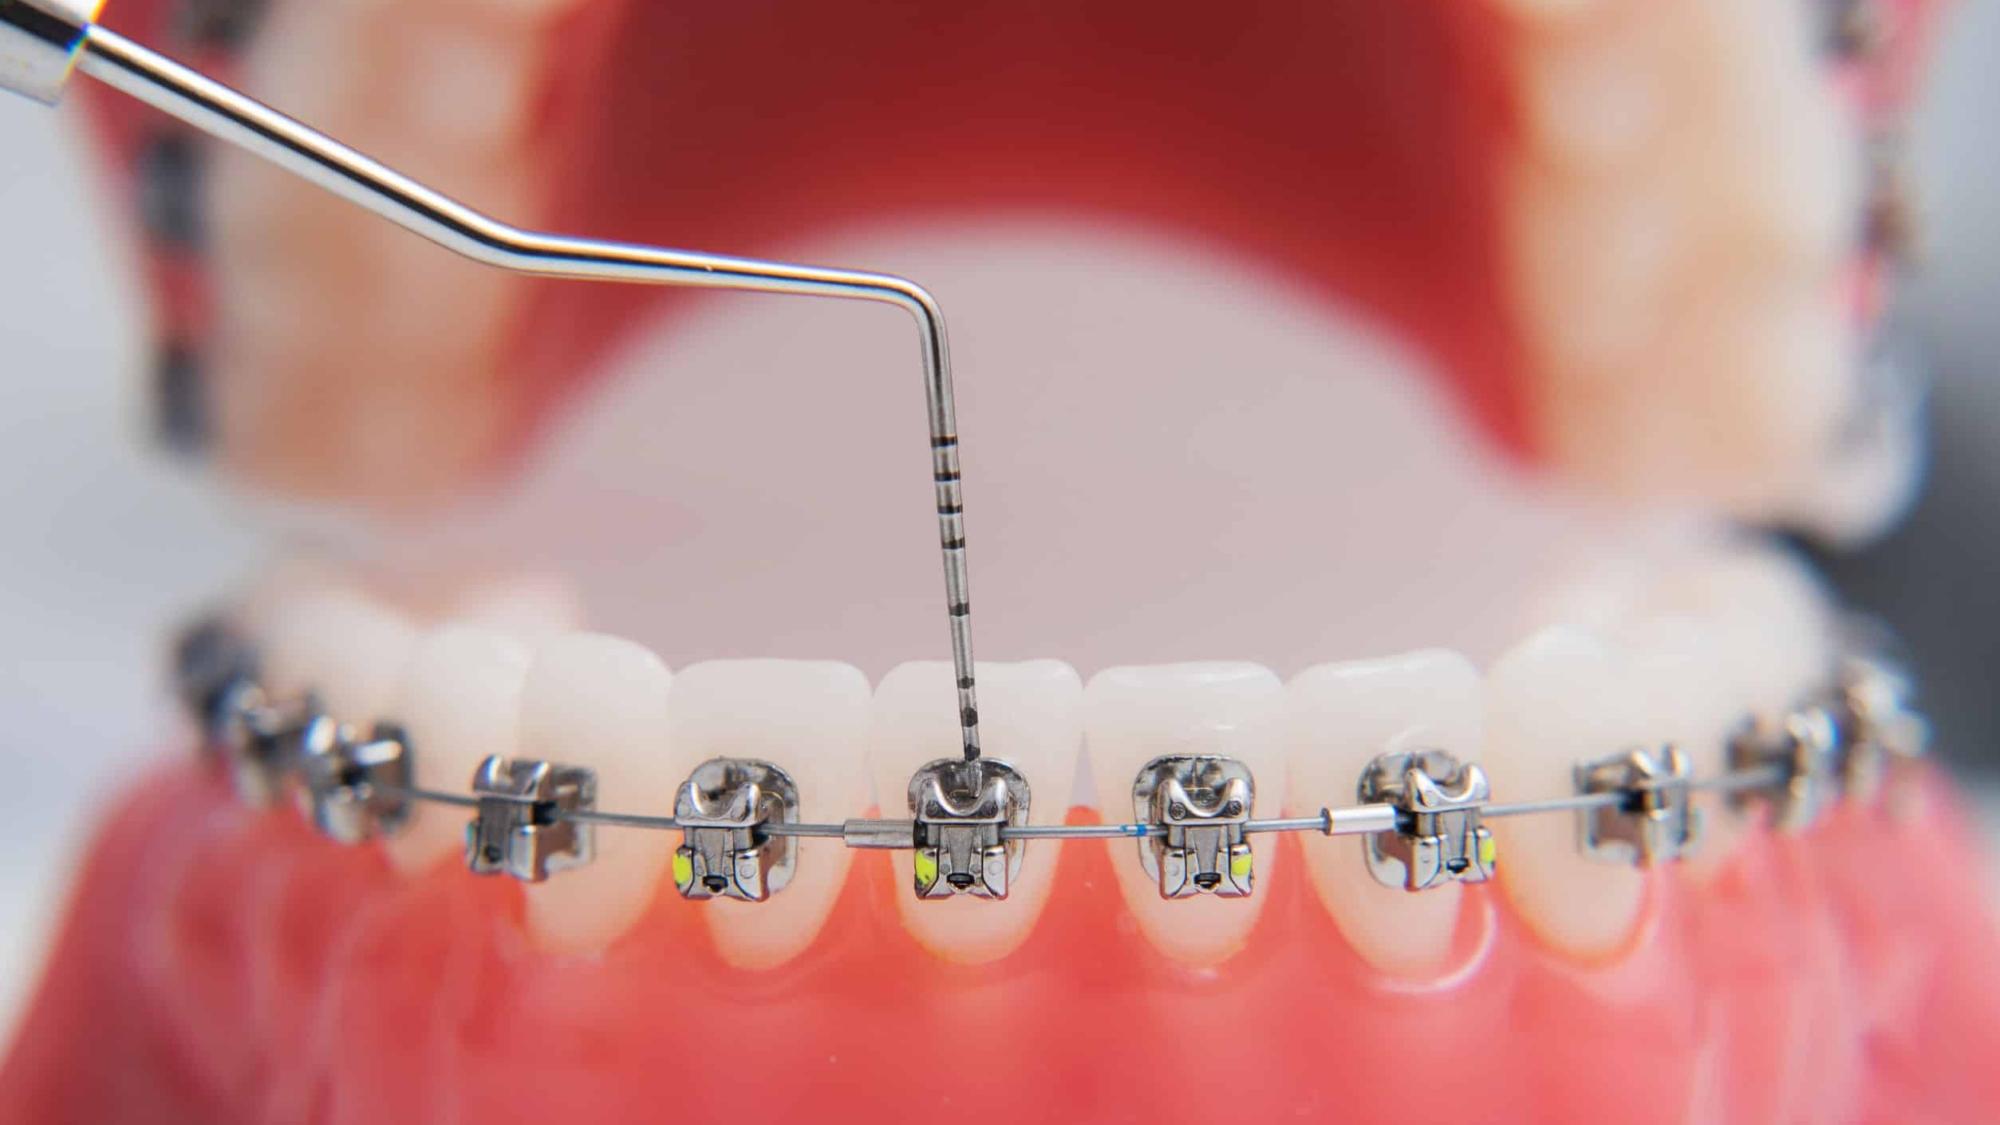 เมื่อตัดสินใจจัดฟัน ต้องเตรียมตัวอย่างไรบ้าง